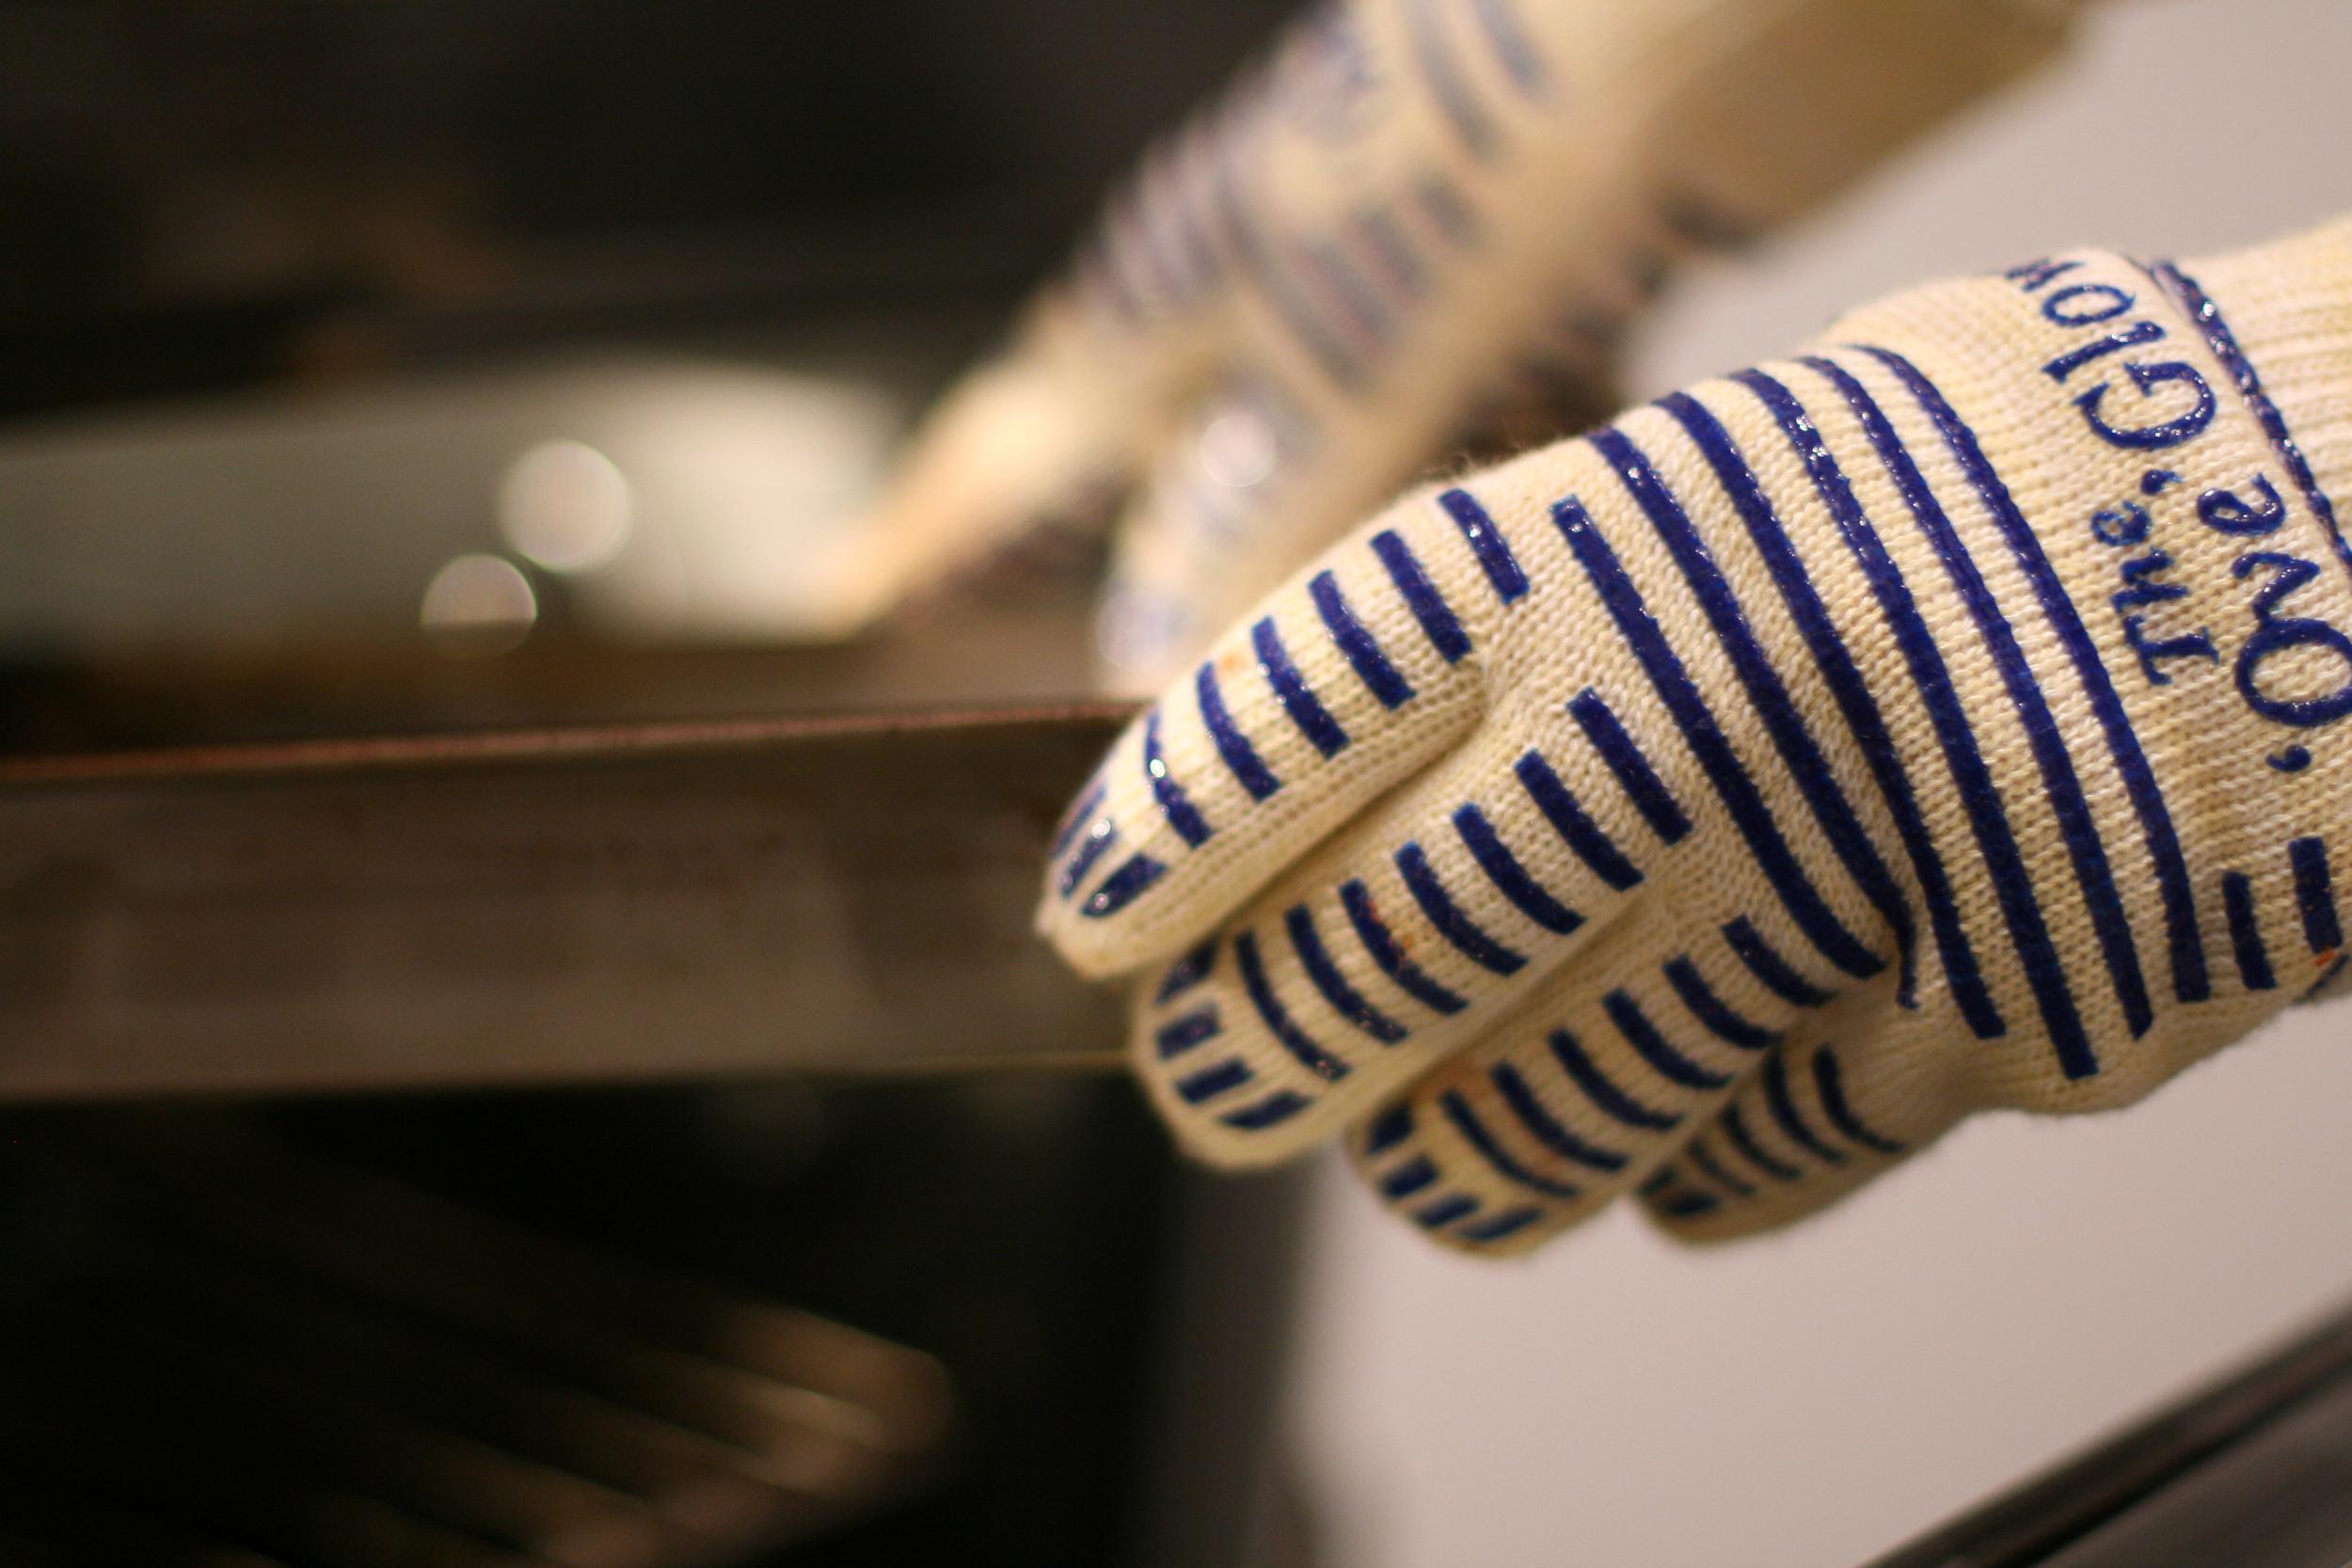 ove_glove.JPG